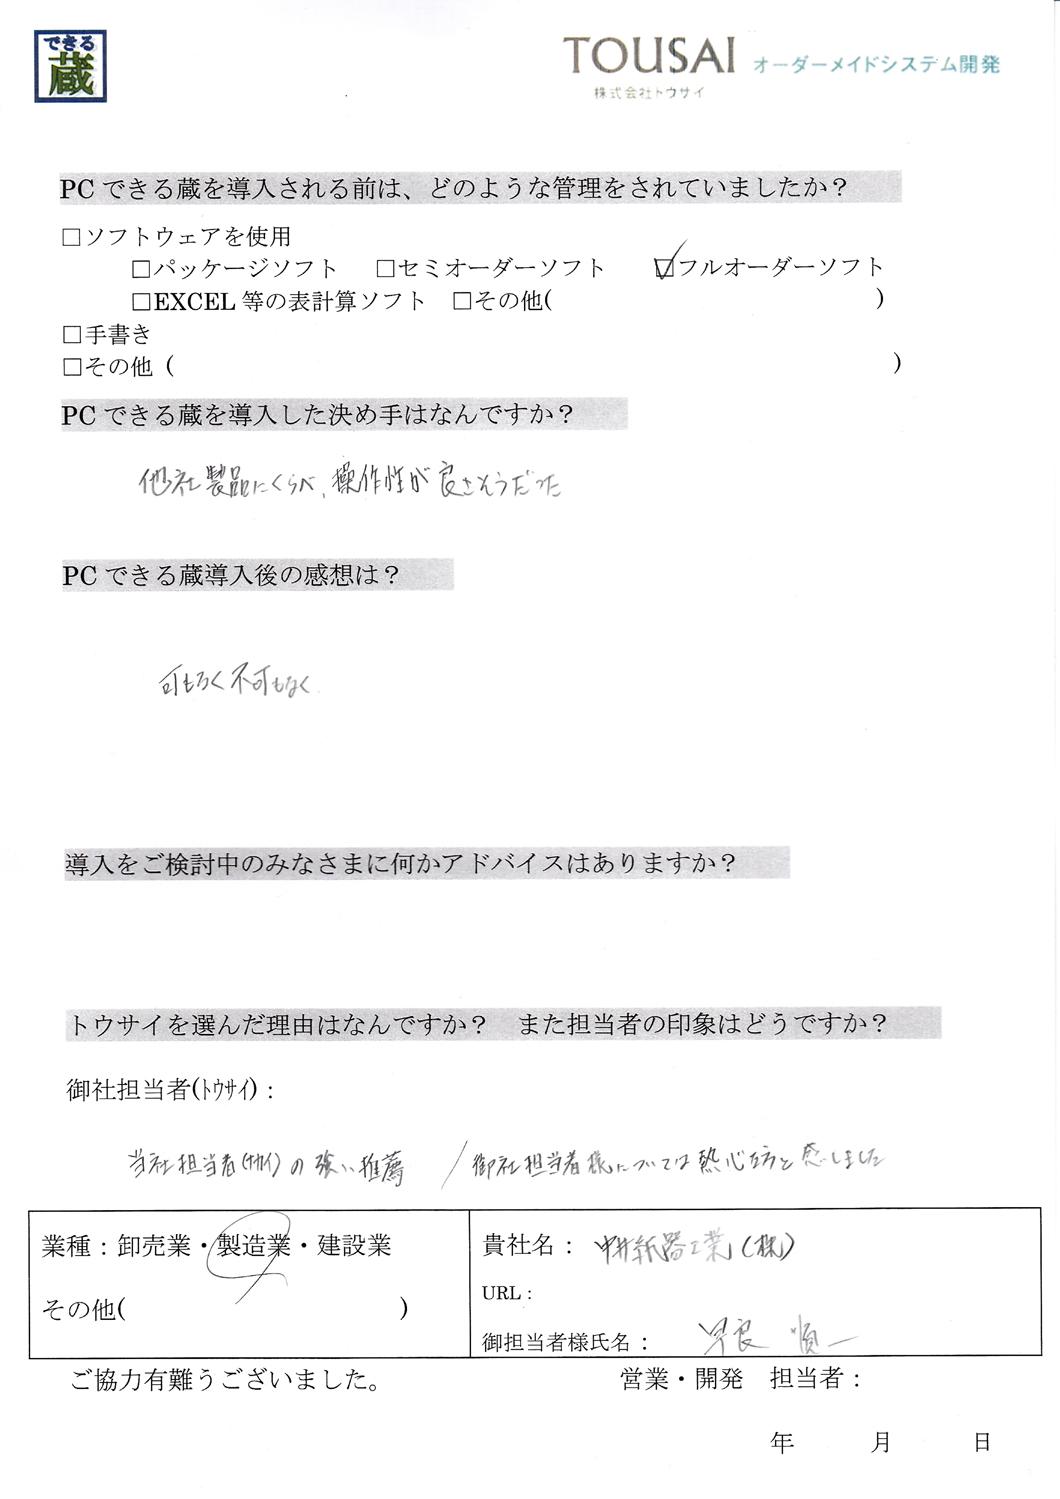 中井紙器工業株式会社 様